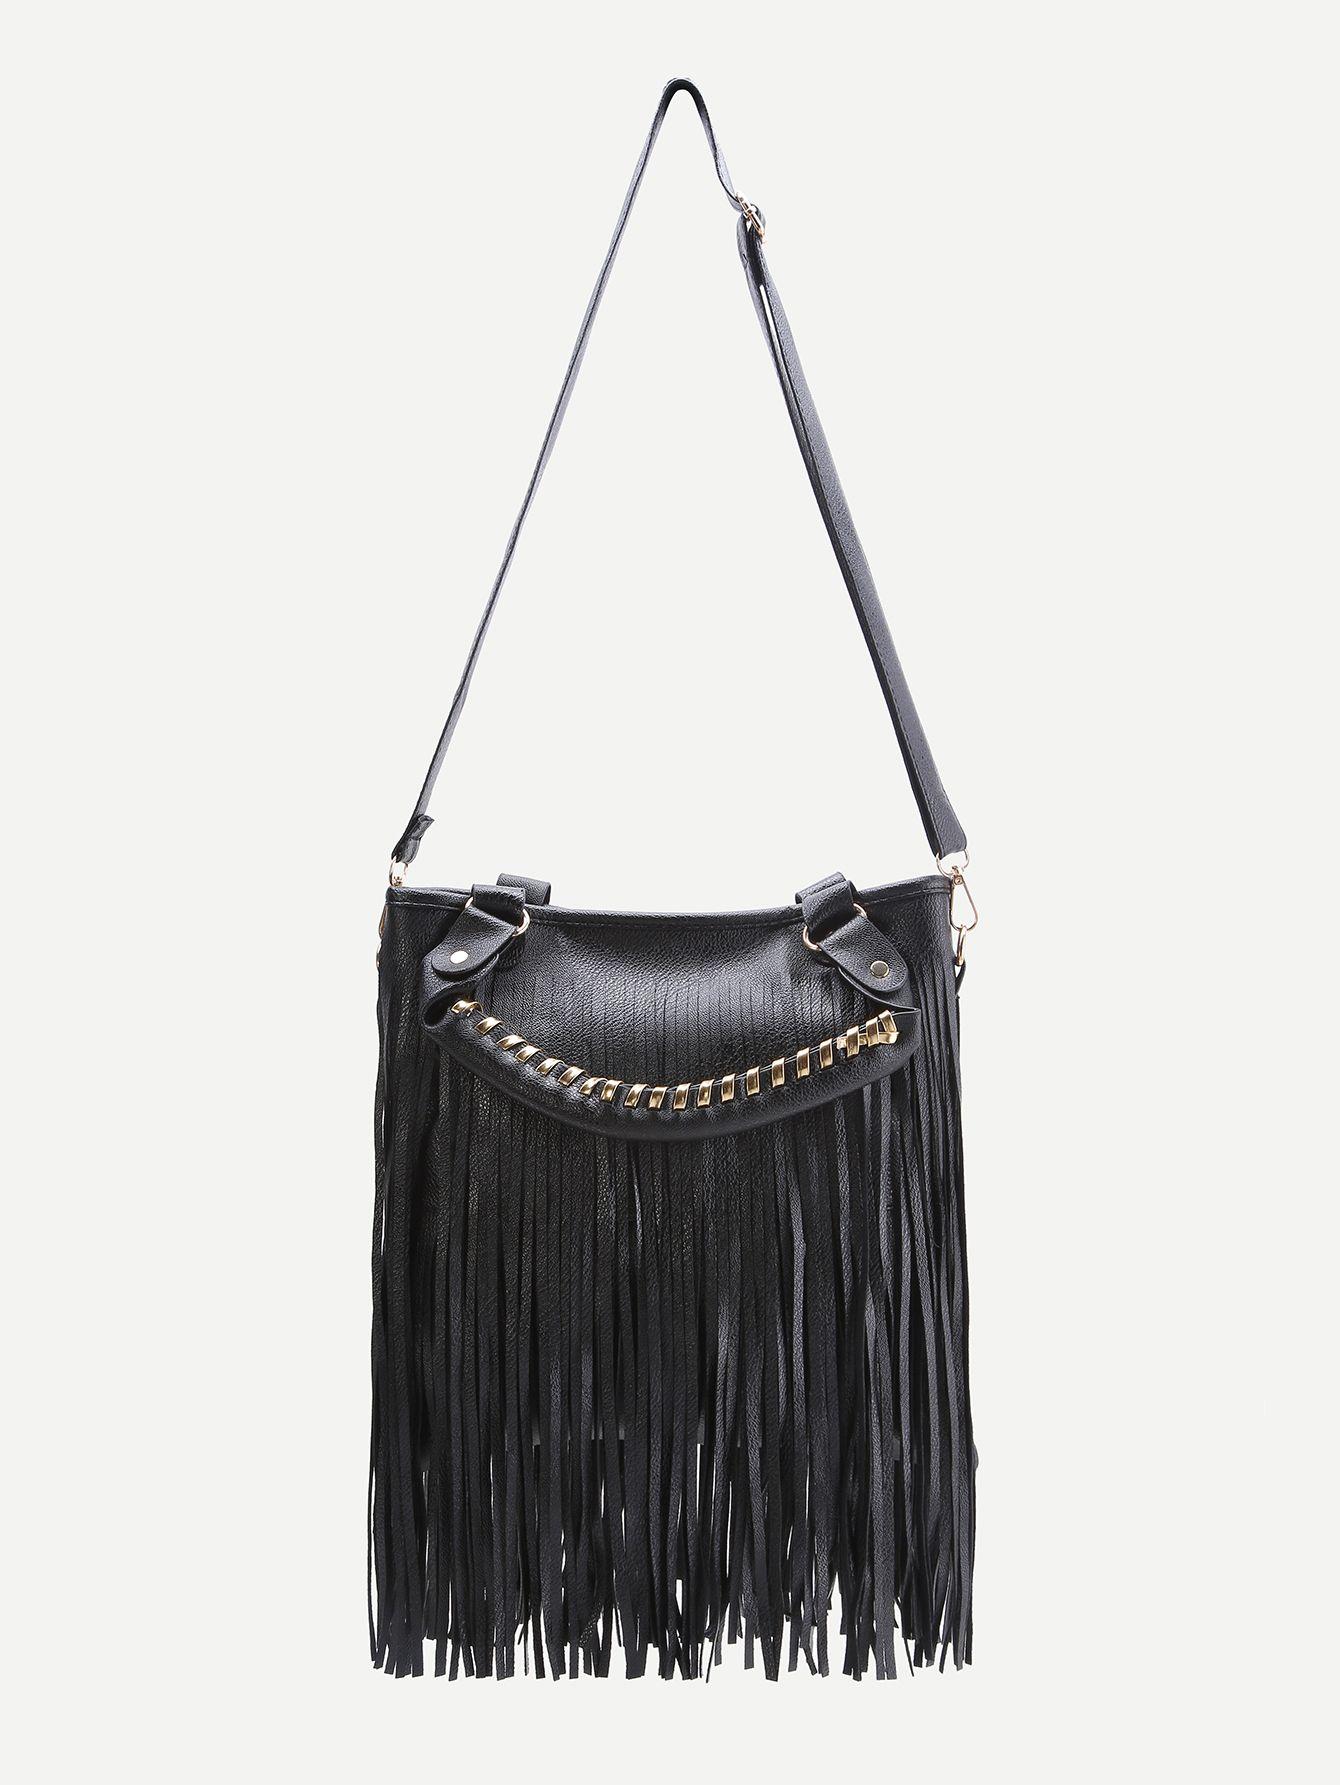 Black Fringe Design Shoulder Bag With Handle